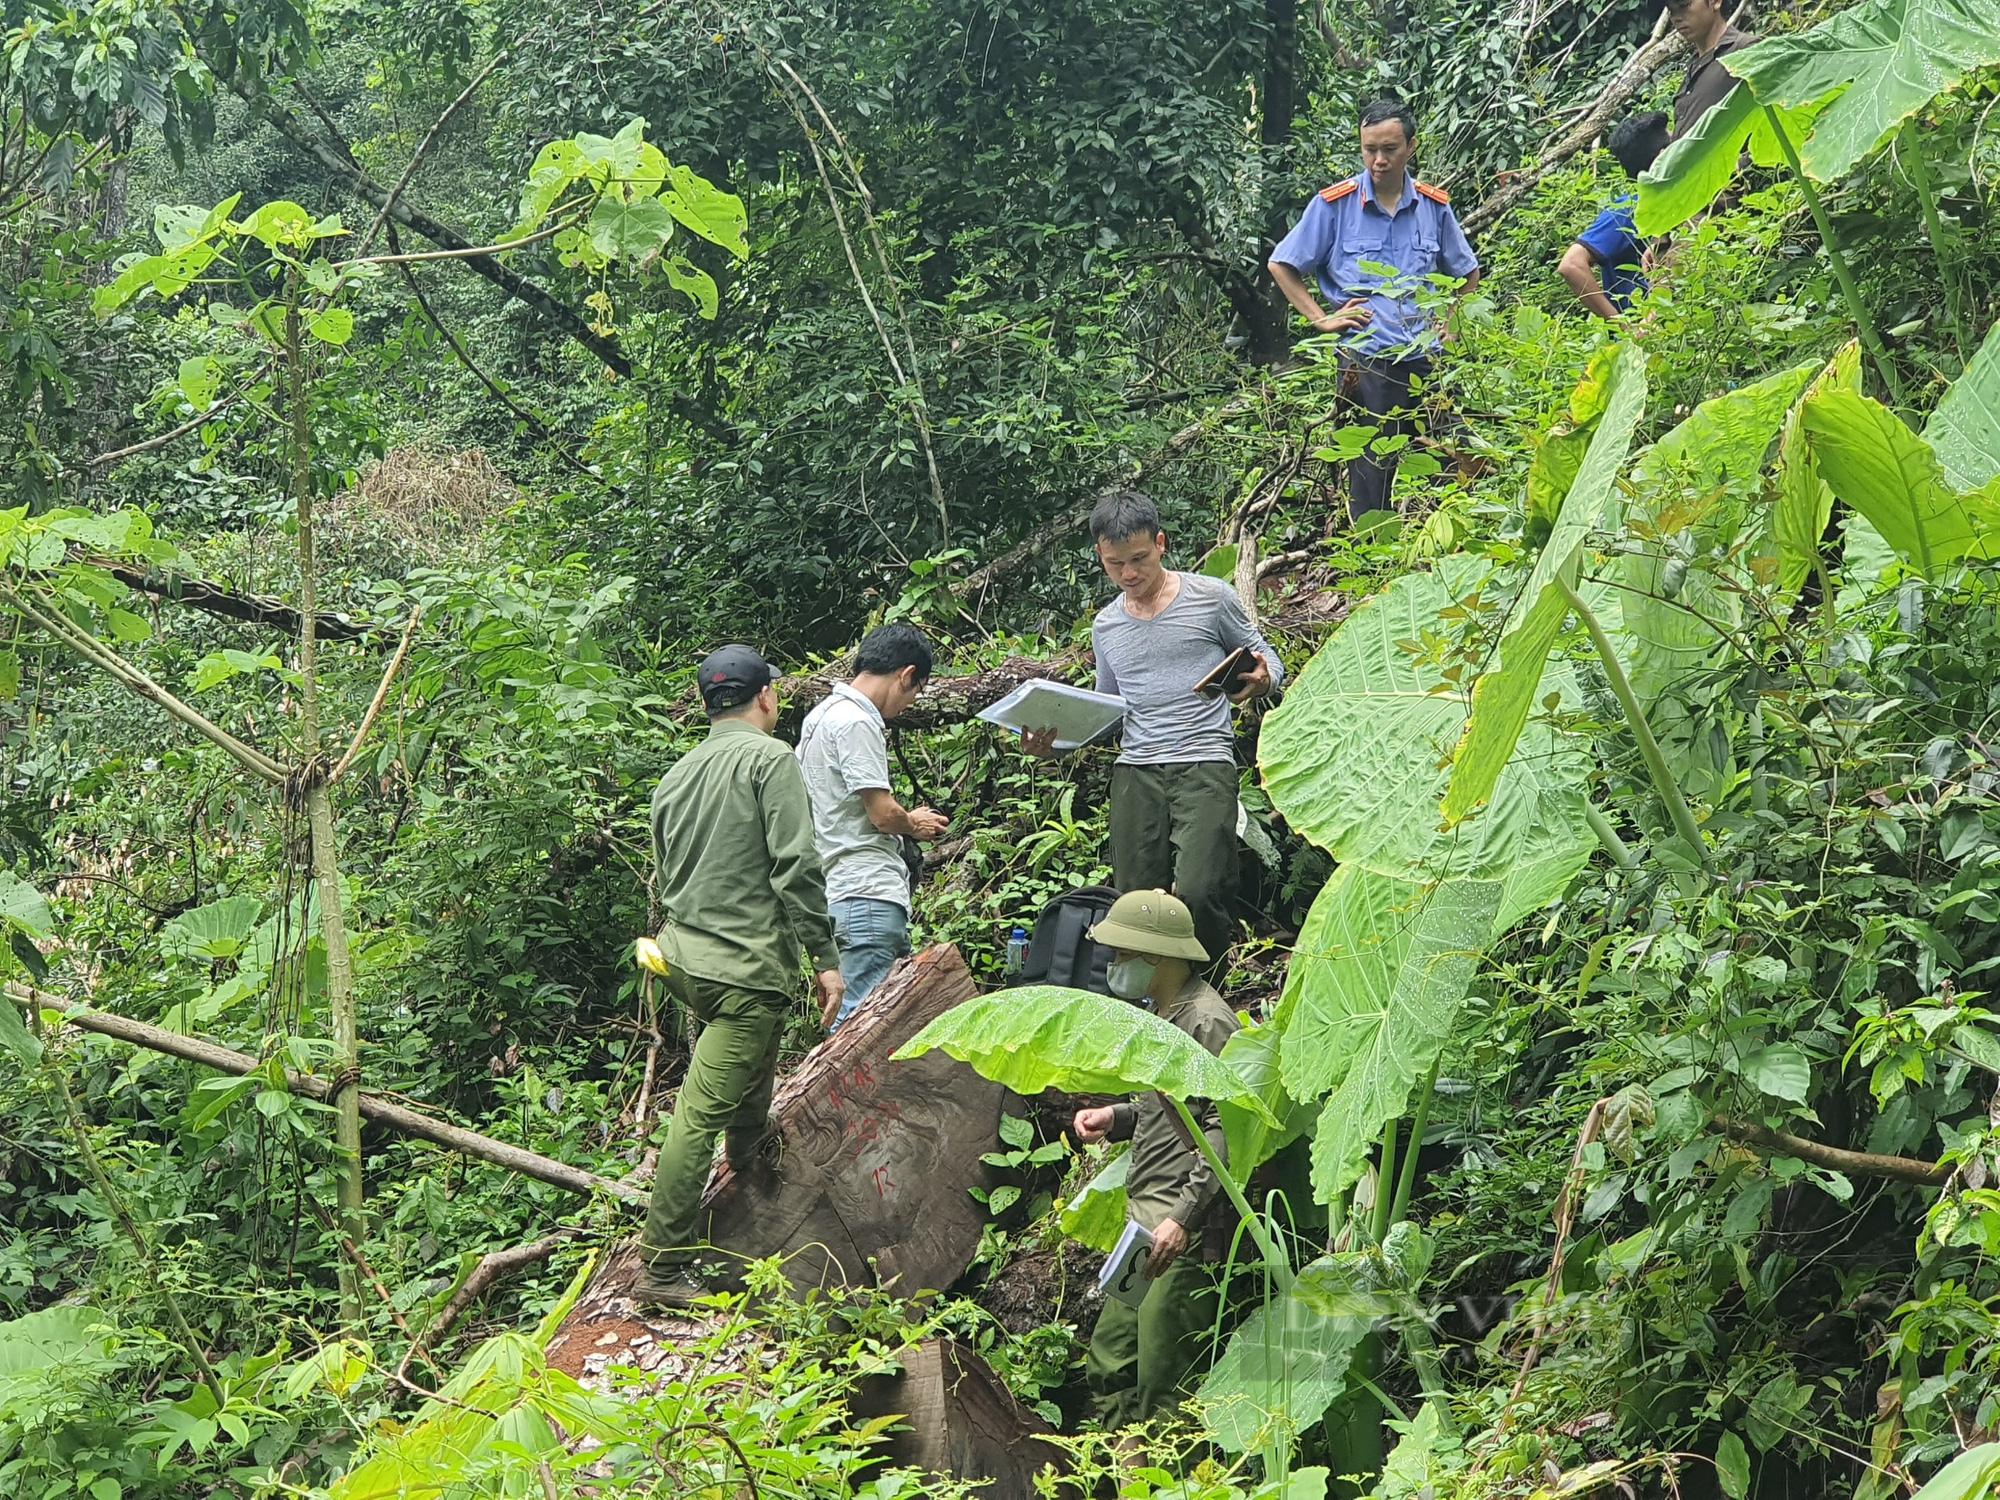 Hà Giang: Sẽ khởi tố vụ phá rừng nghiến tại huyện Bắc Mê - Ảnh 2.